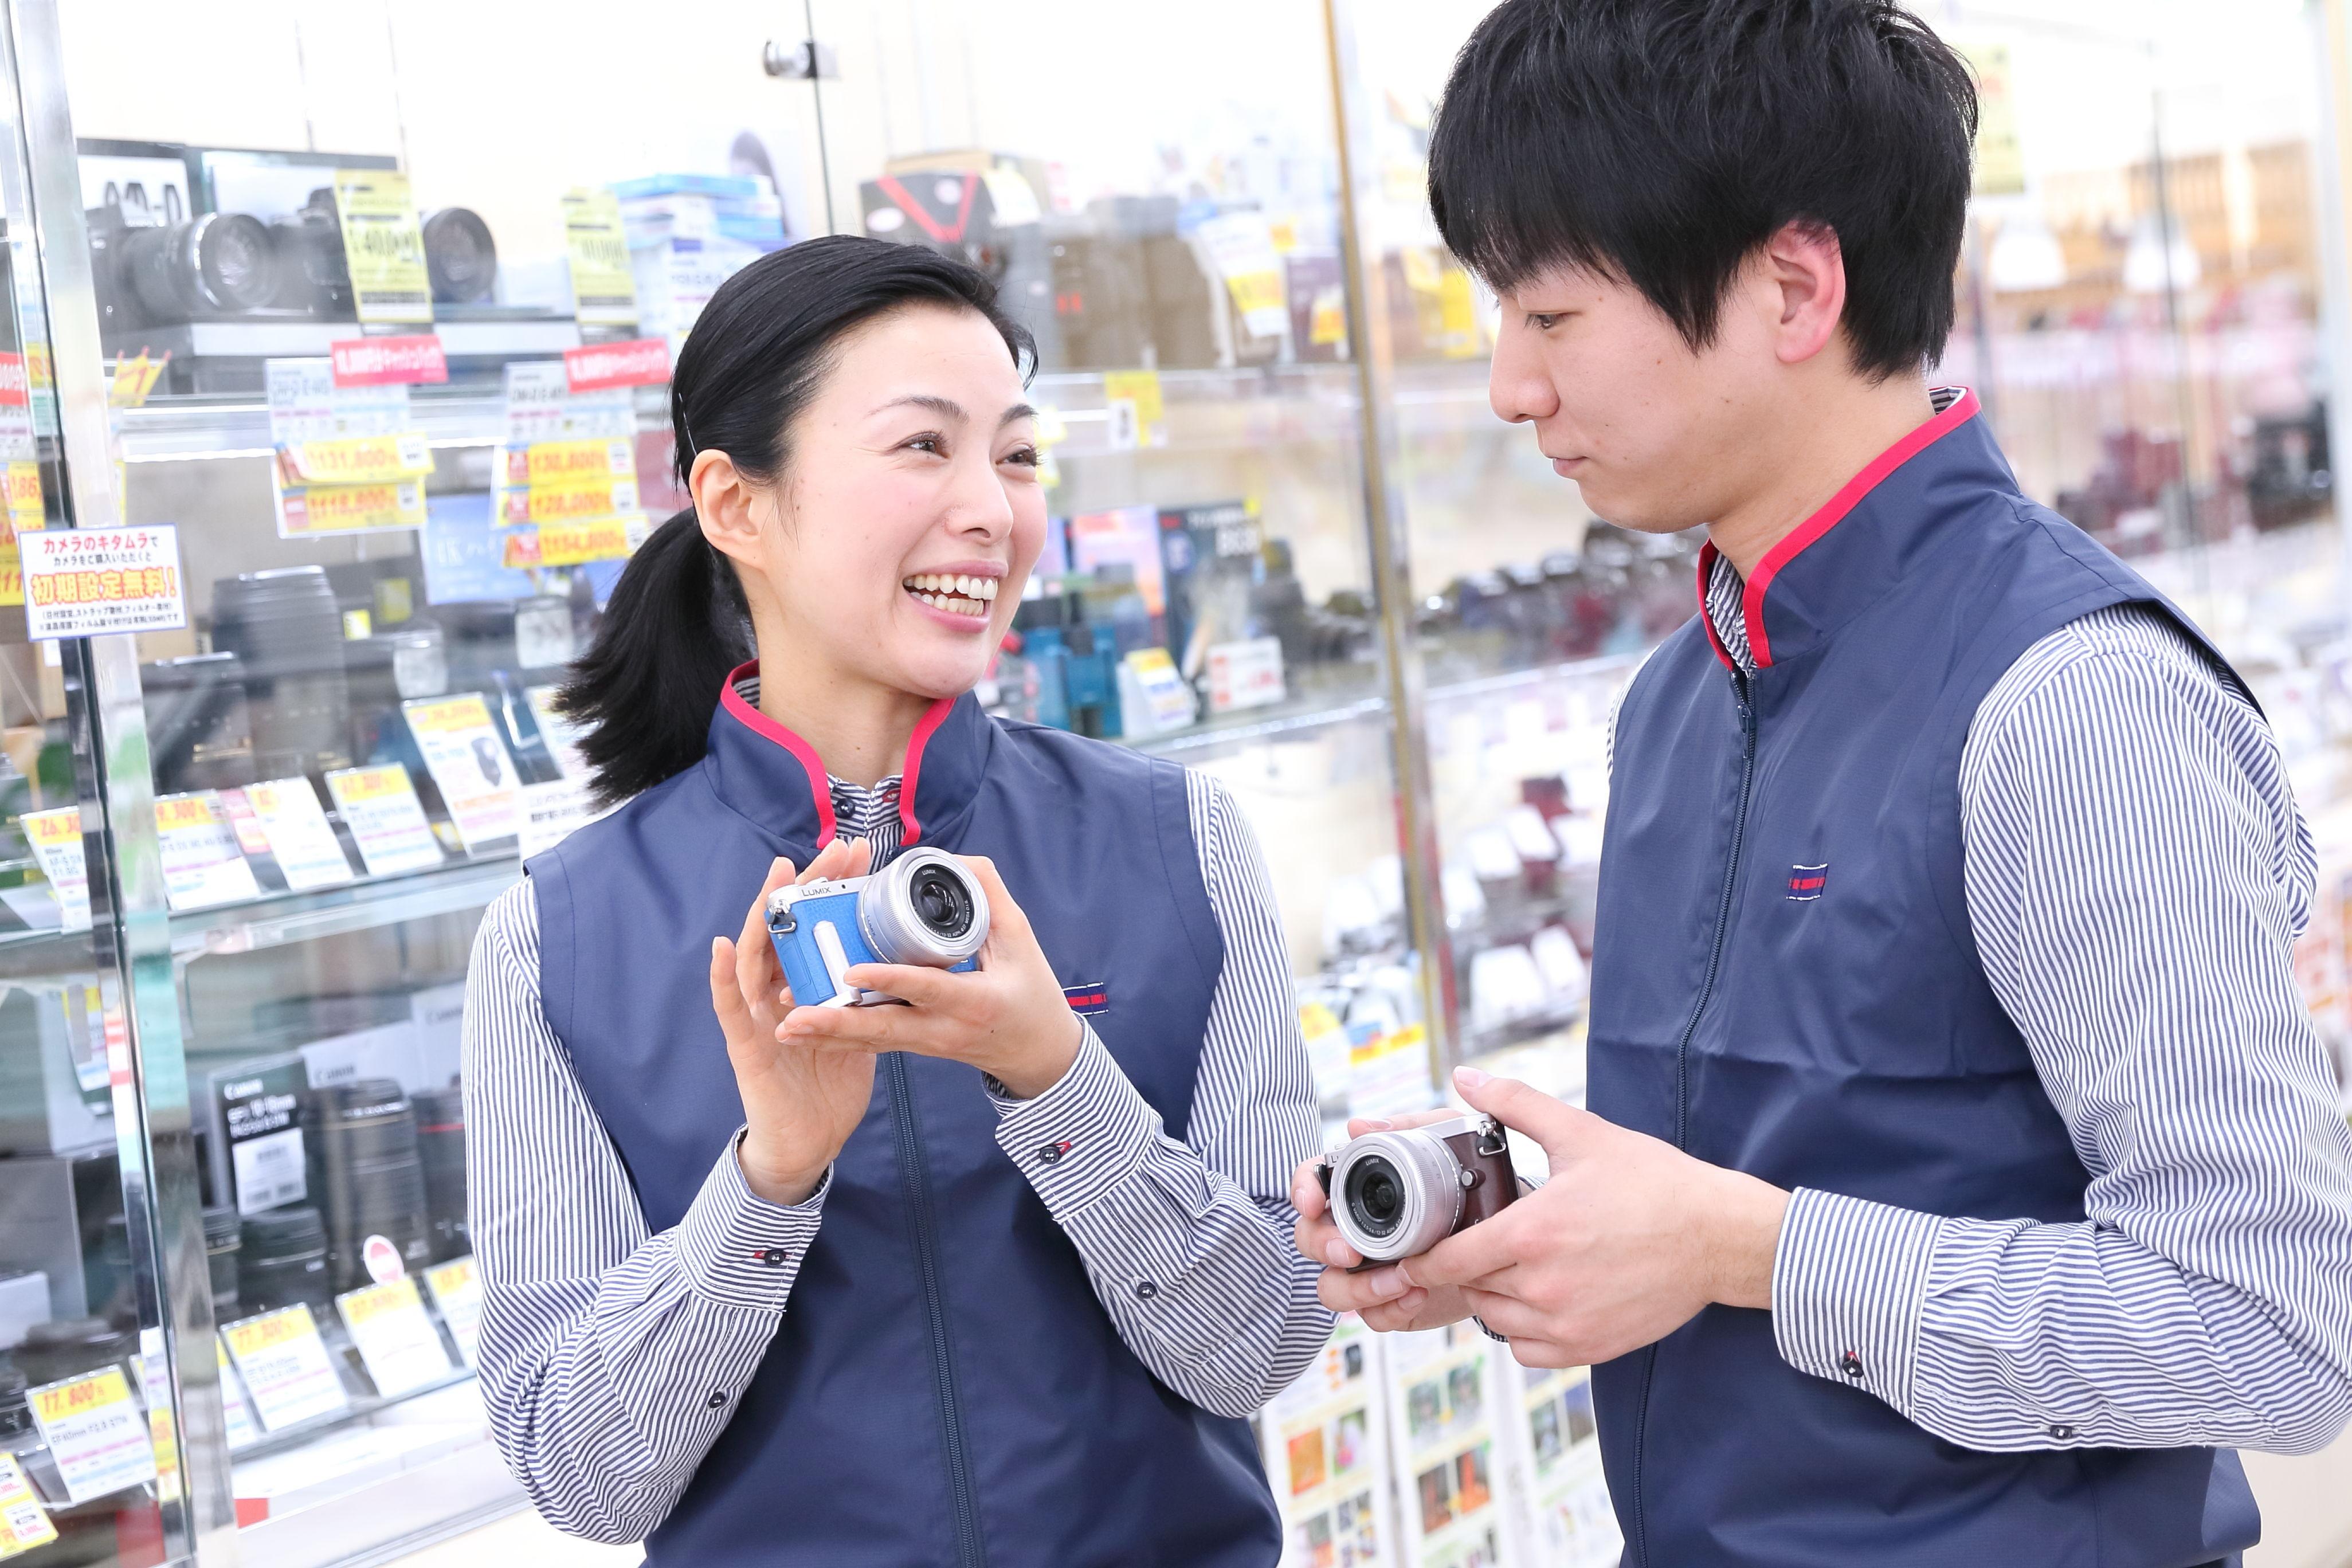 カメラのキタムラ 福島/福島店 のアルバイト情報